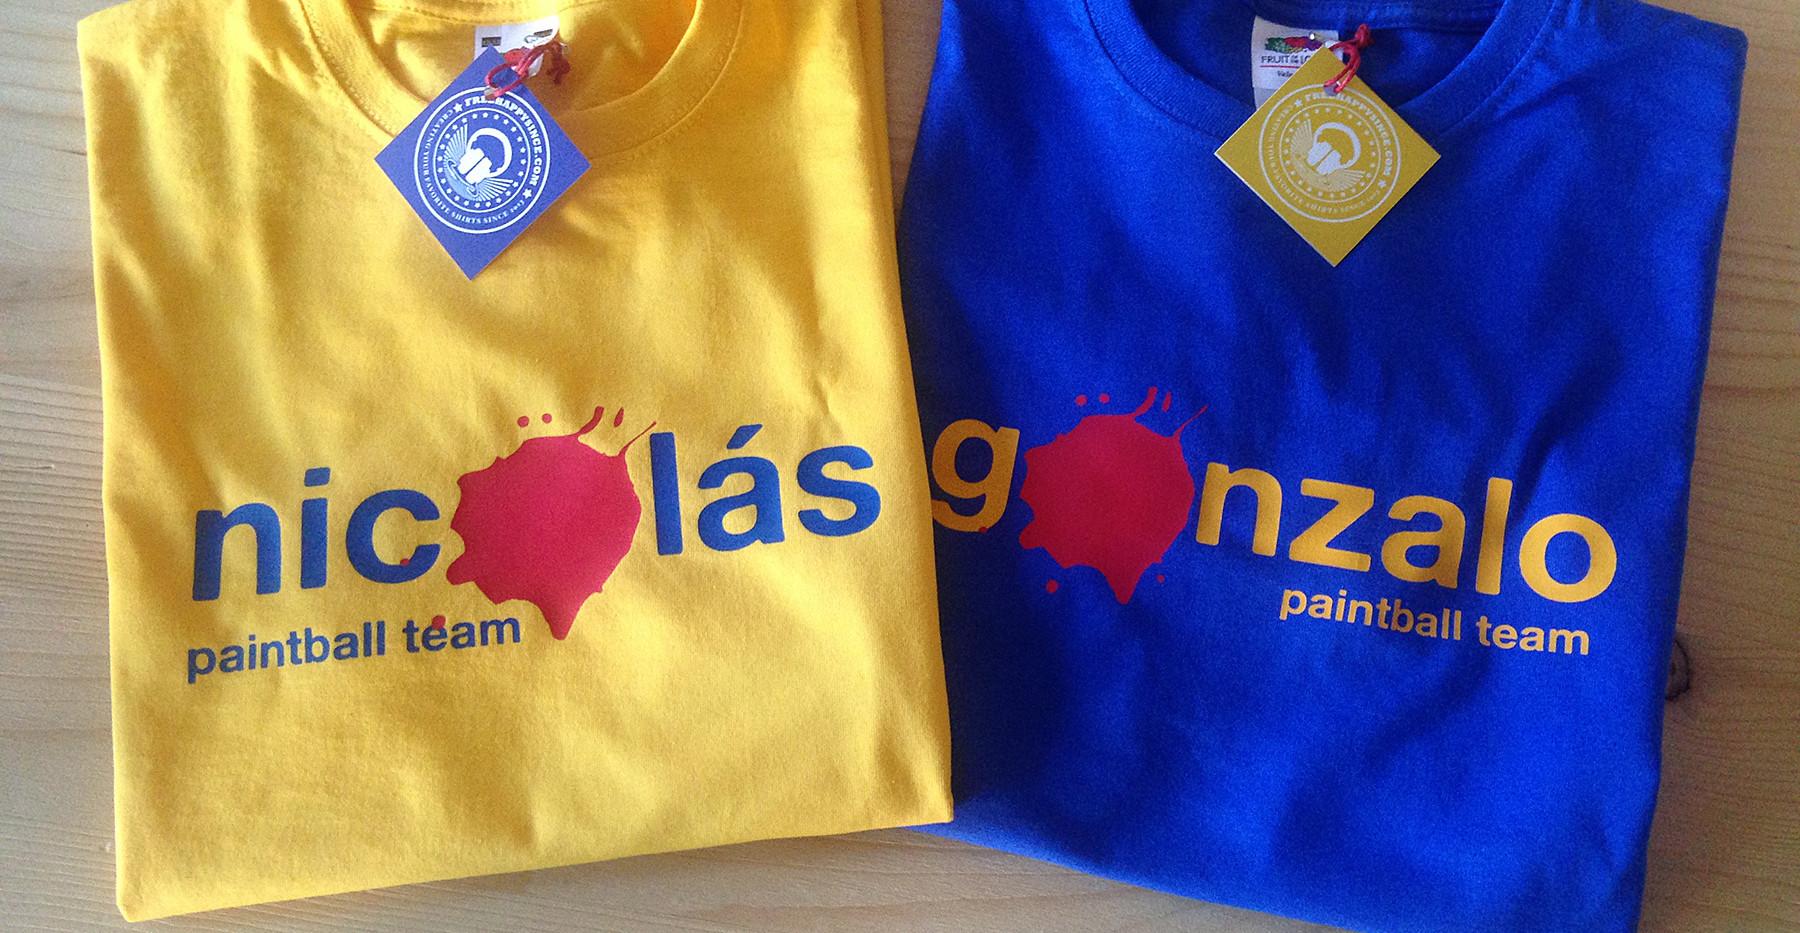 camisetas invertidas amarillo/azul fhsince